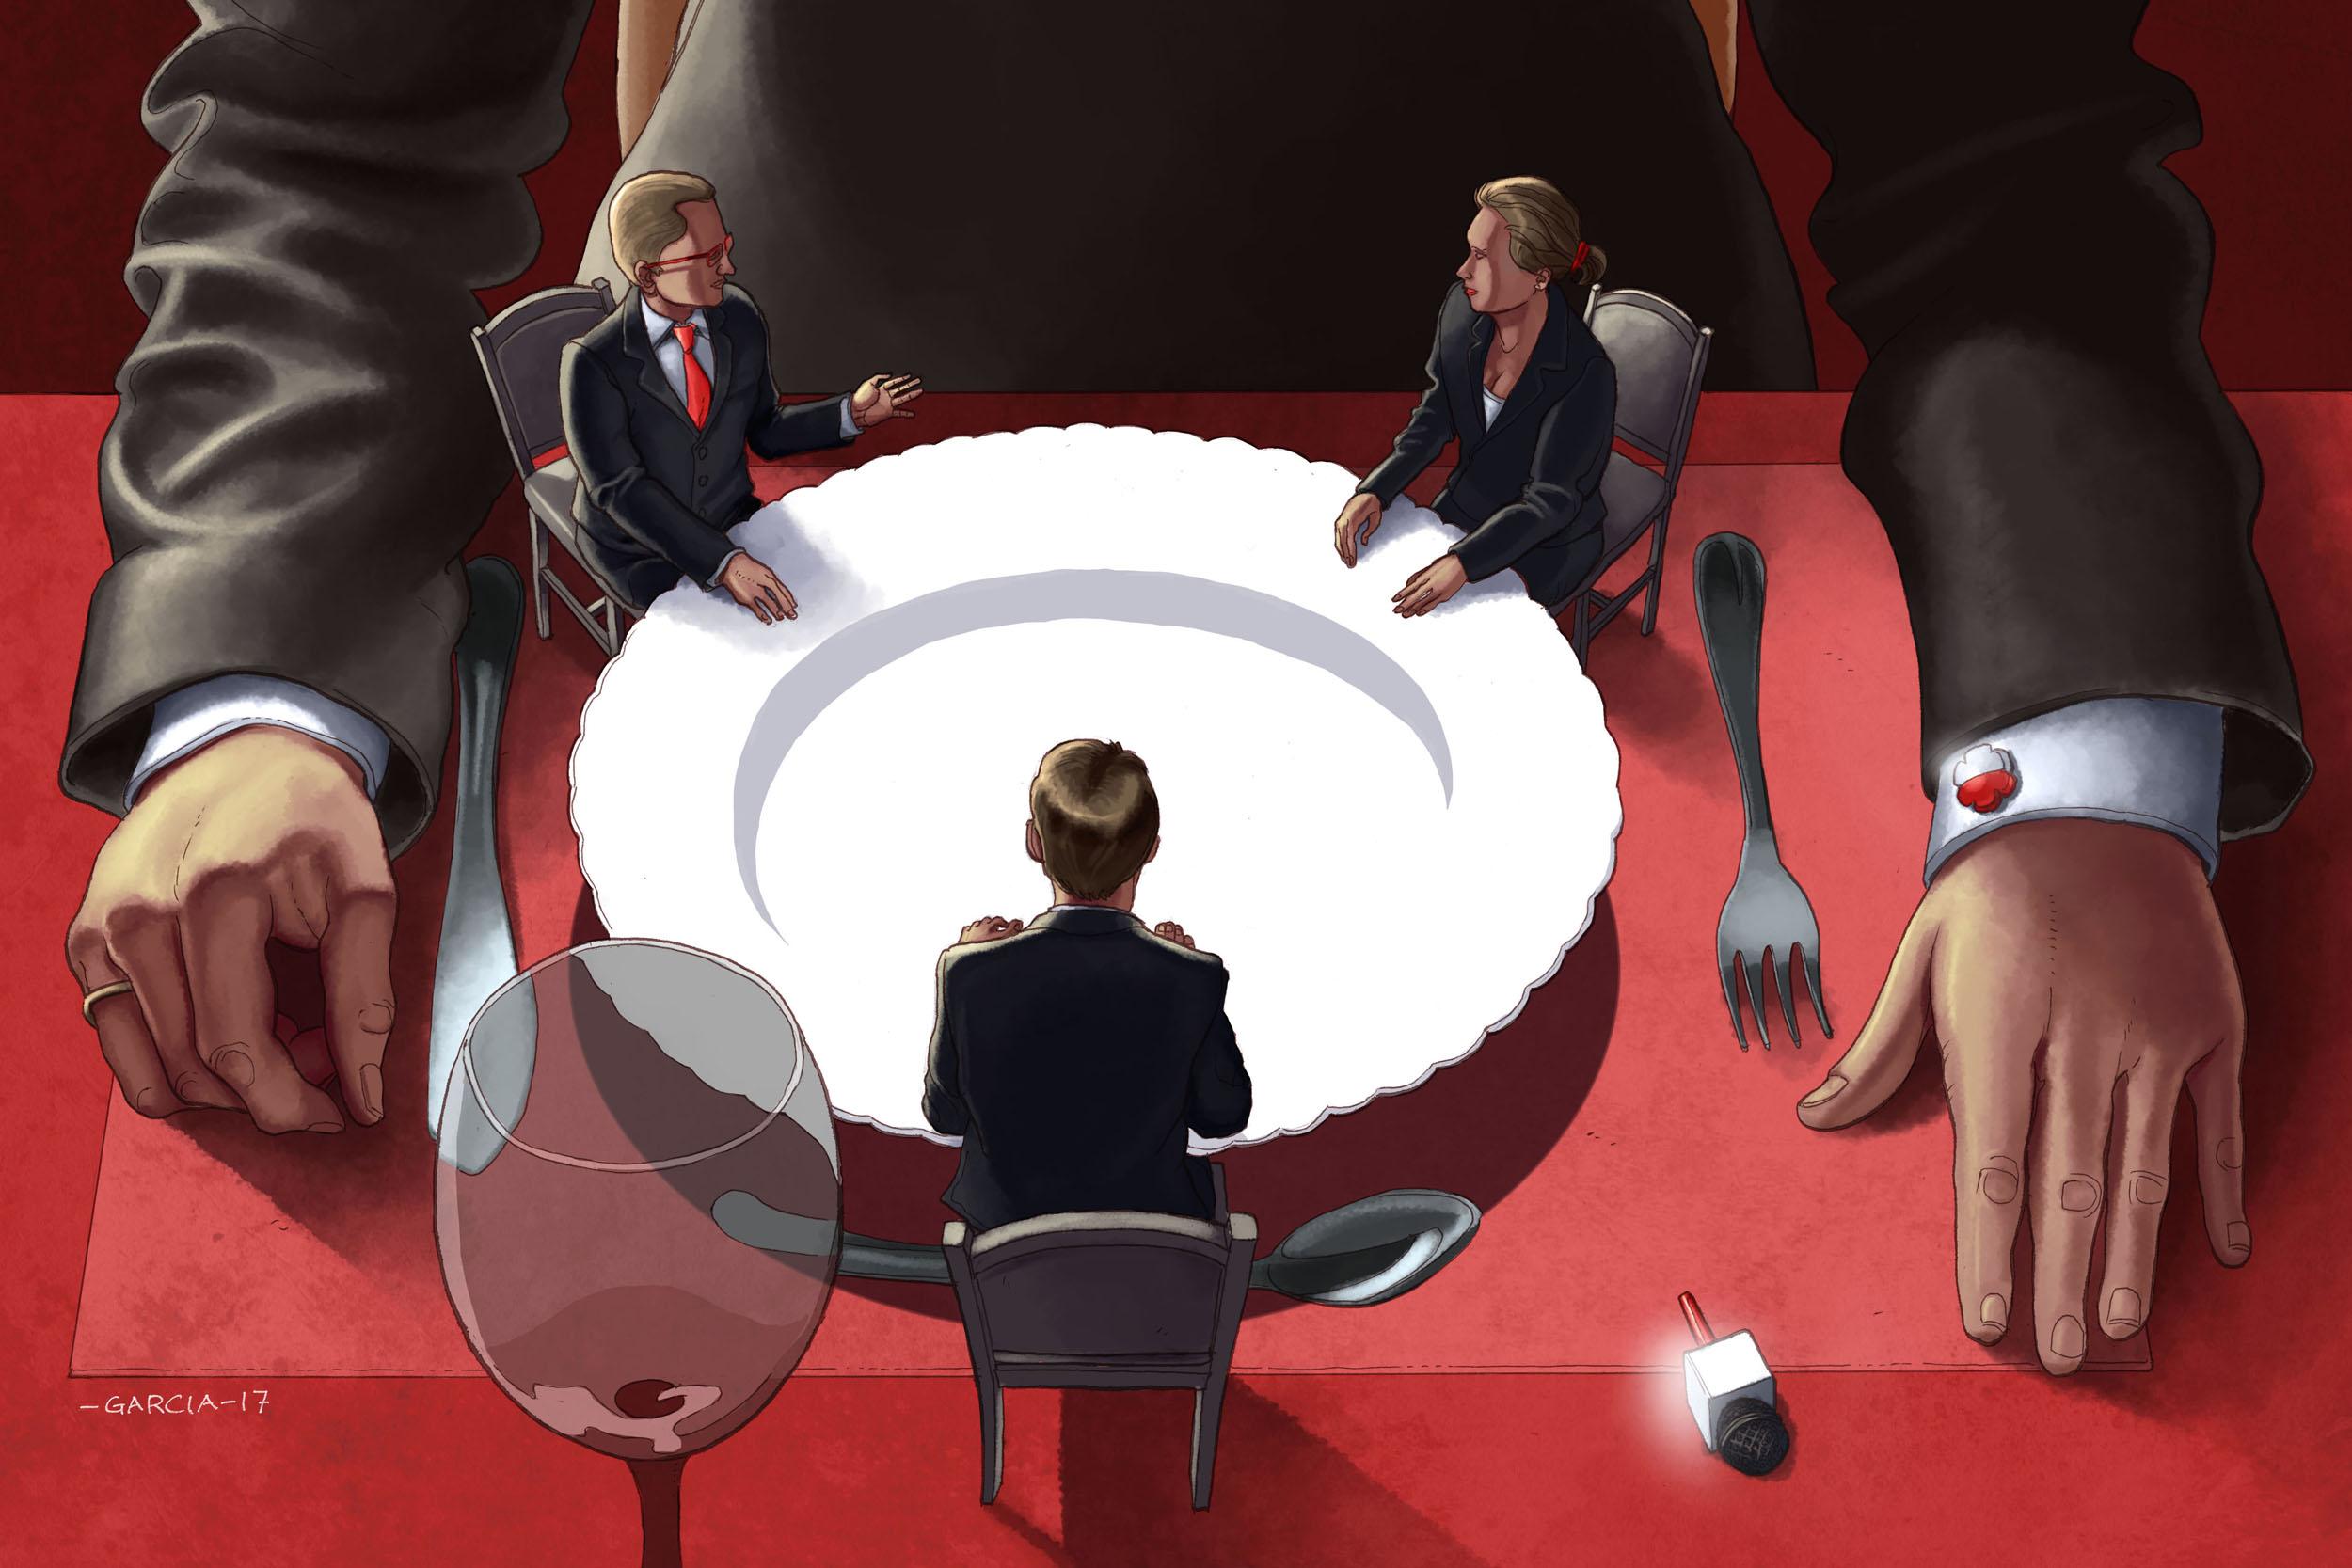 Daniel Garcia Art Illustration Press Prasa Politics Polityka Poland Polska Wladza Dziennikarze Journalist 01